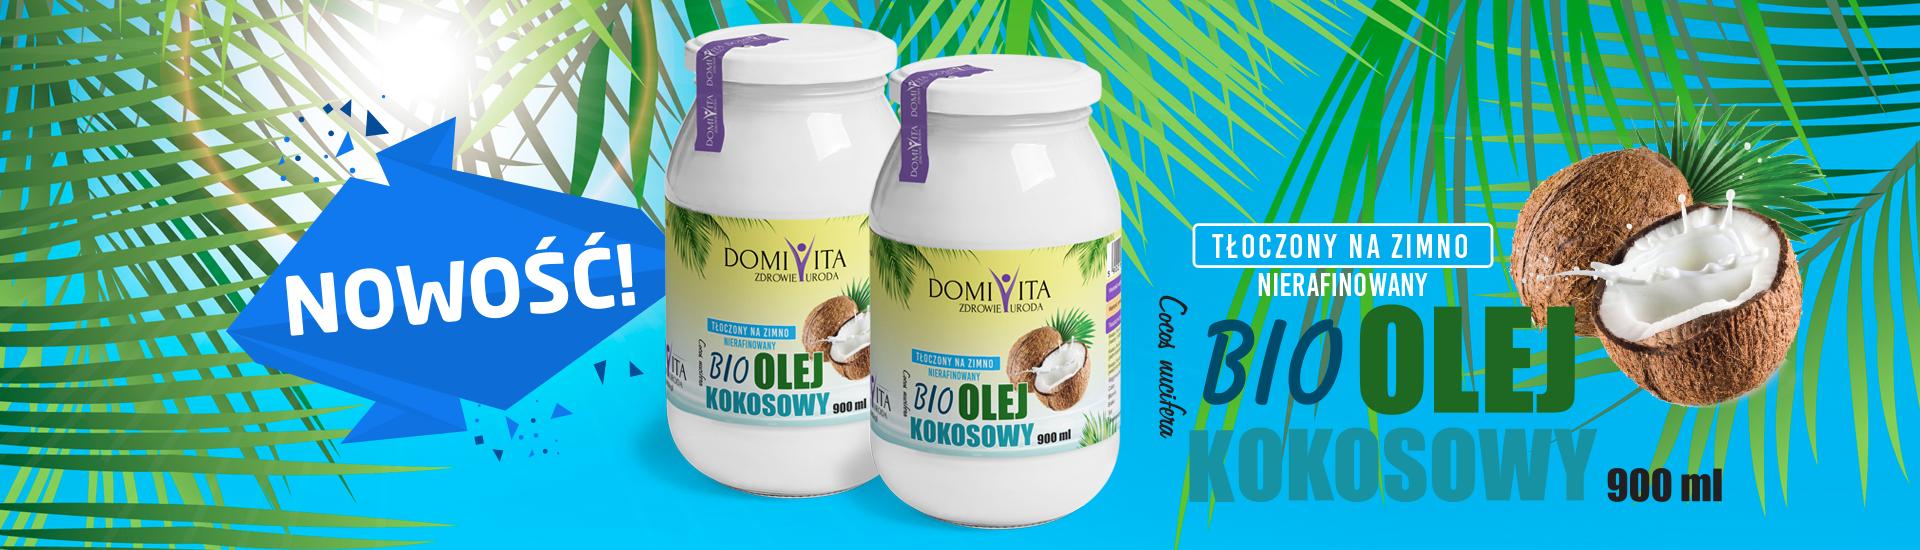 Bio Olej Kokosowy 900ml